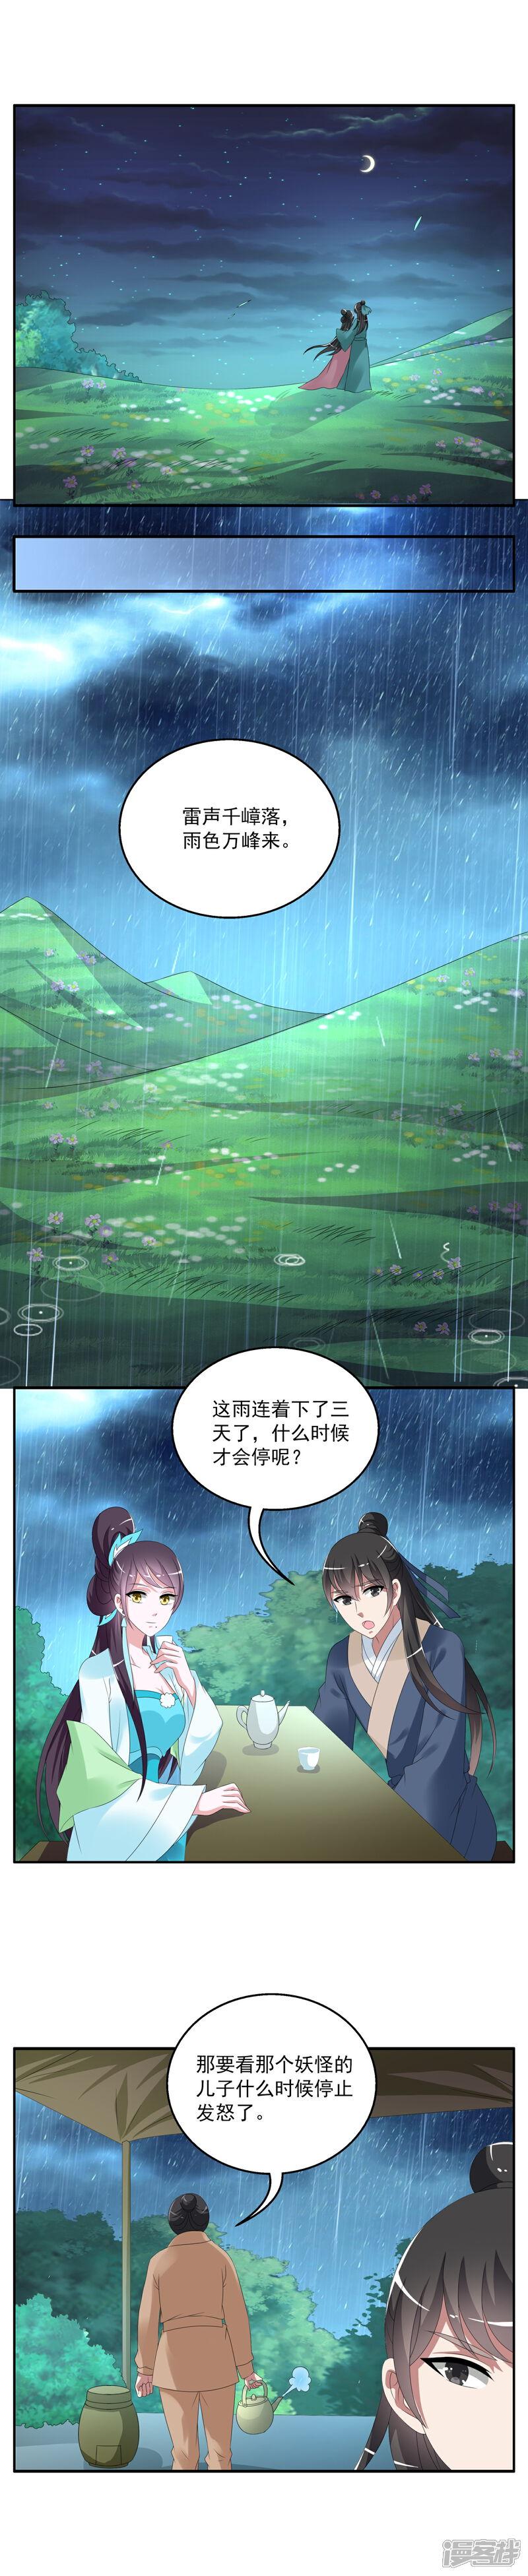 洛小妖144 (3).JPG